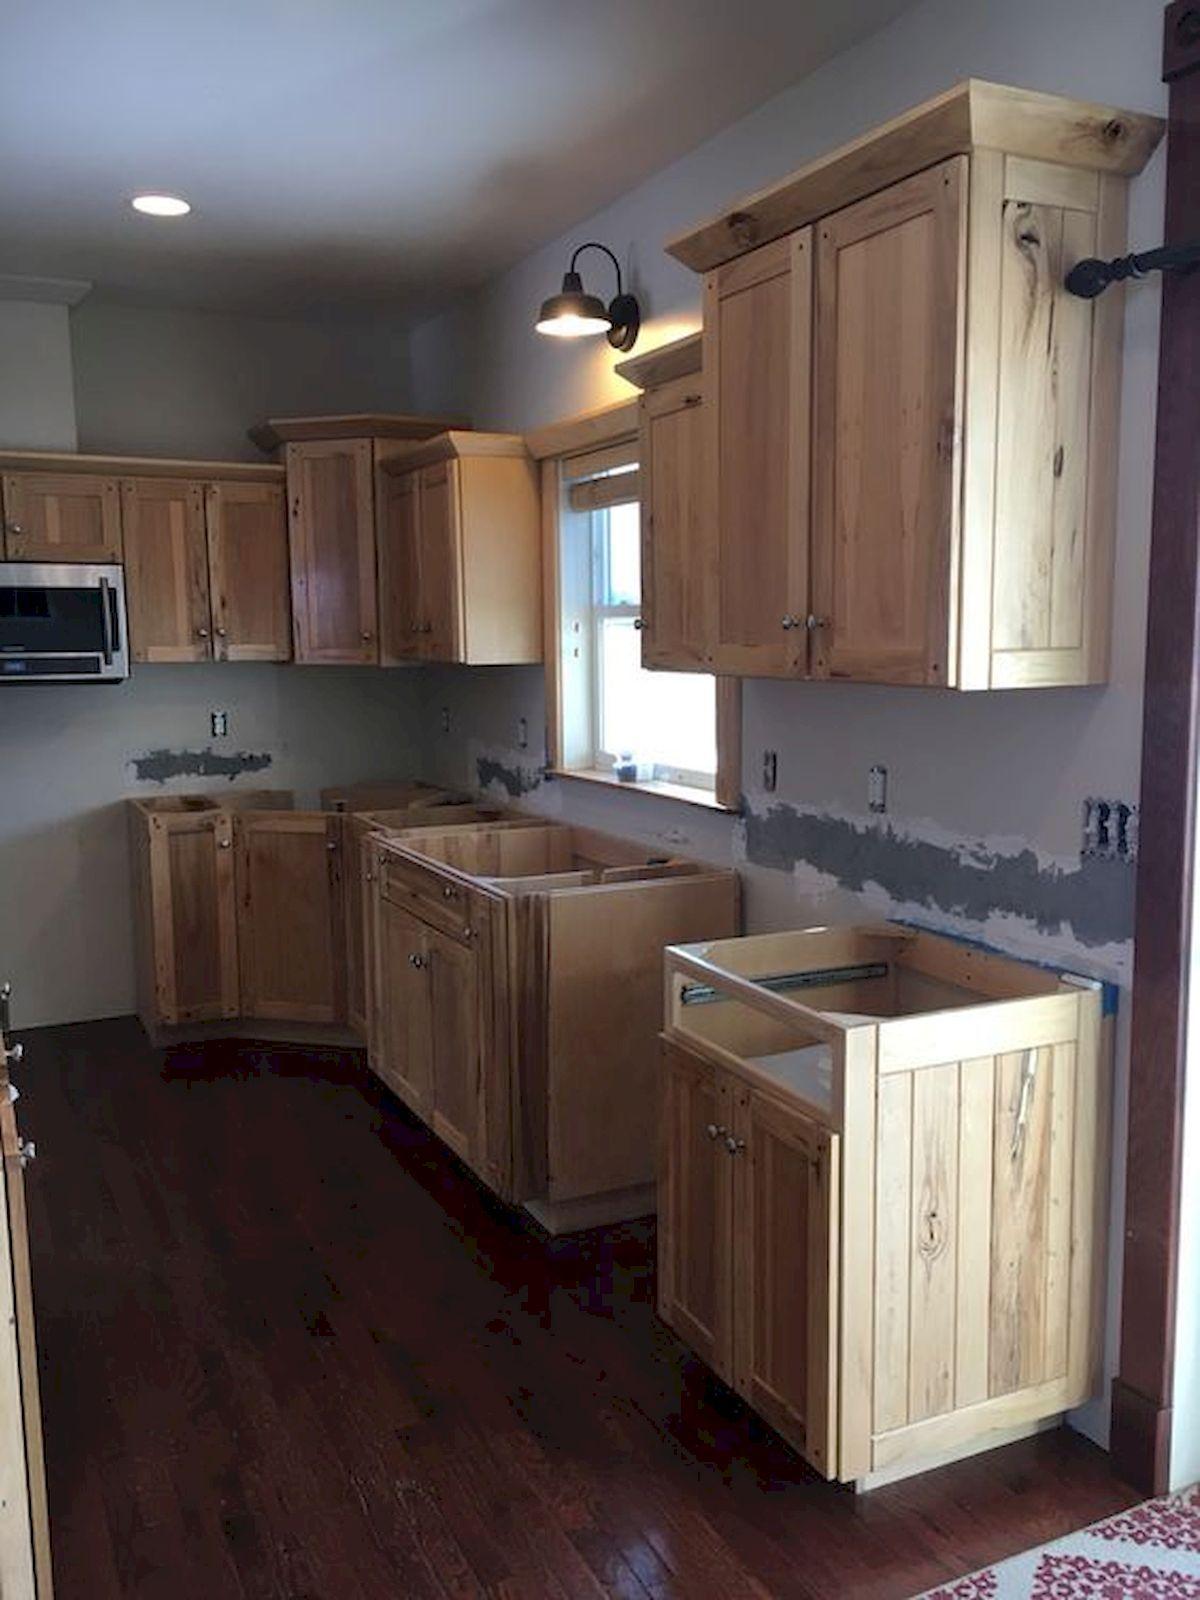 50 Amazing Diy Pallet Kitchen Cabinets Design Ideas Hickory Kitchen Cabinets Simple Kitchen Design Pallet Kitchen Cabinets